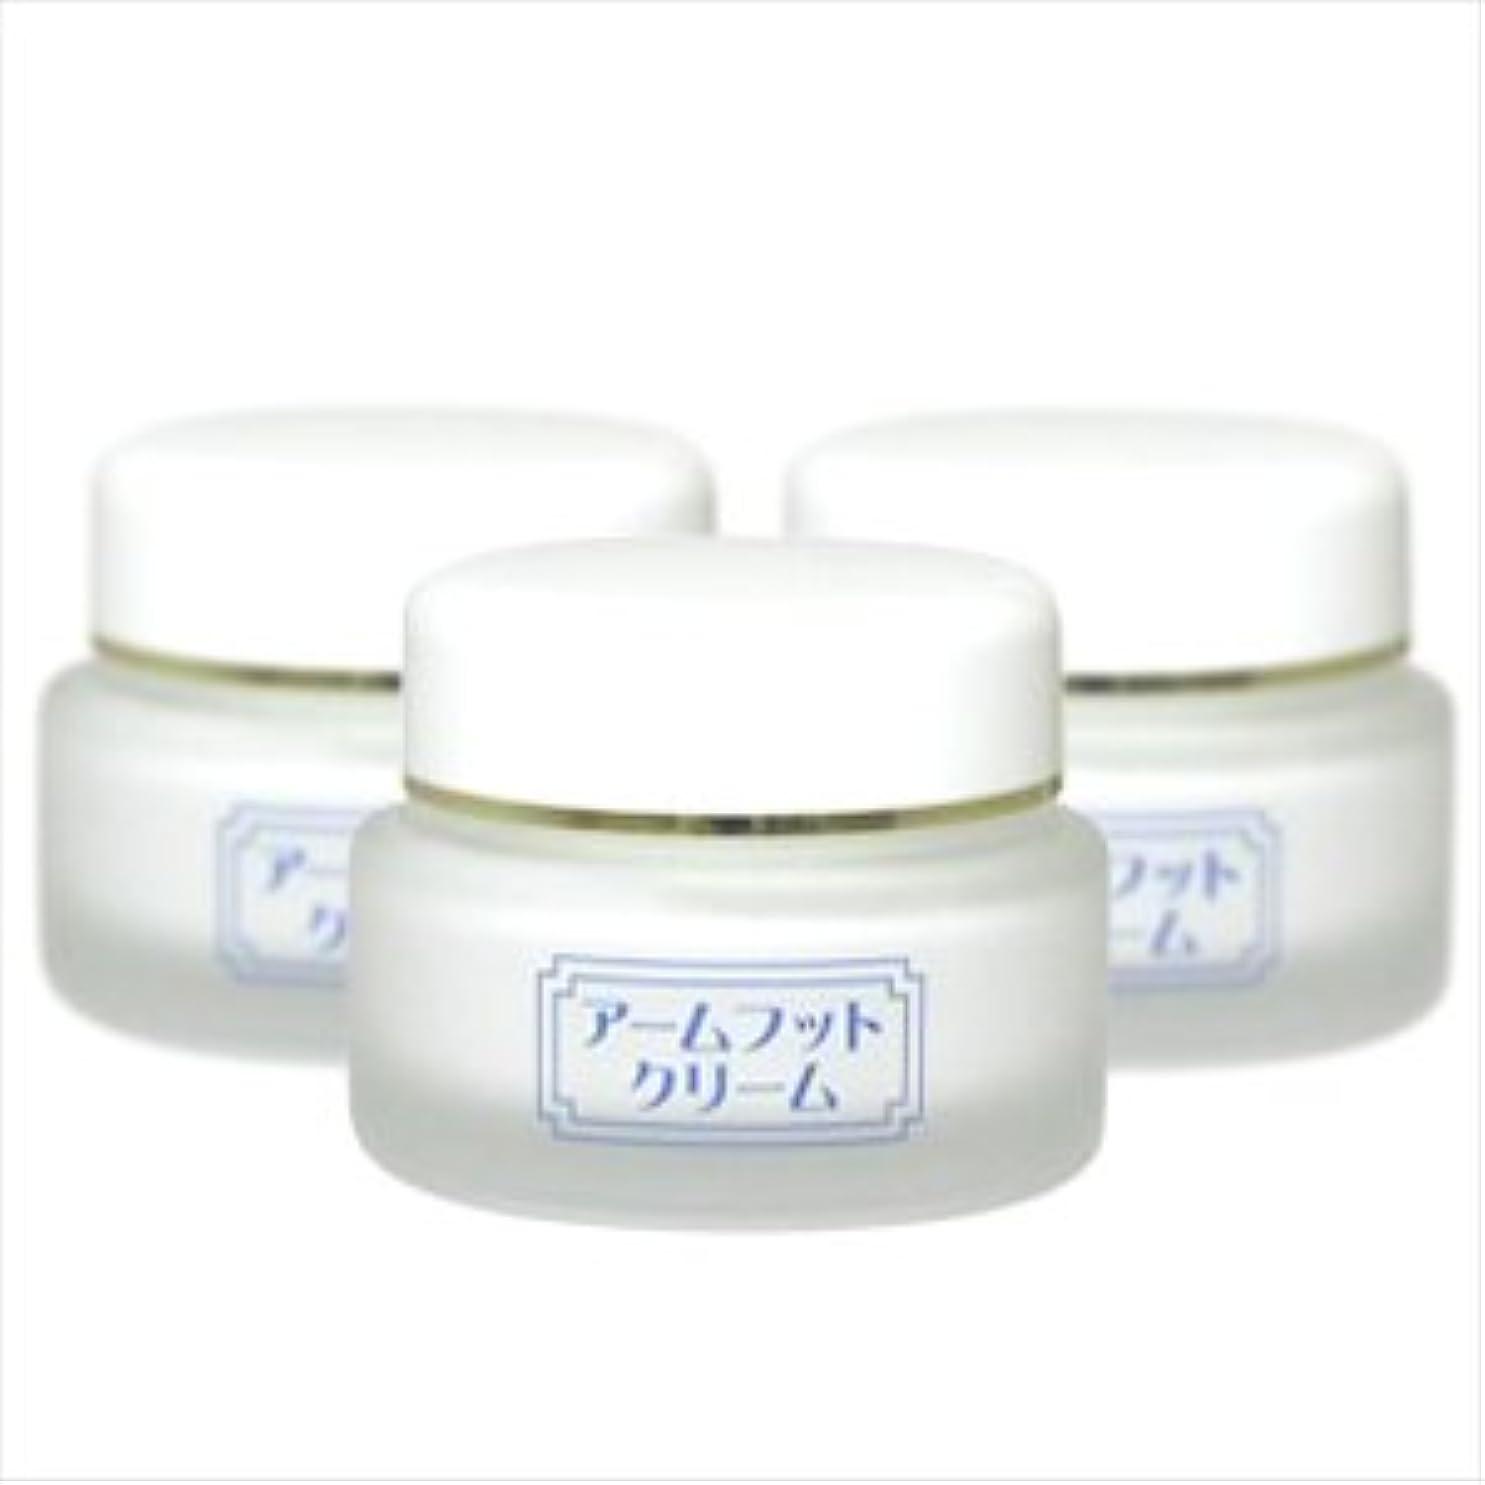 パイル回復スペシャリスト薬用デオドラントクリーム アームフットクリーム(20g) (3個セット)